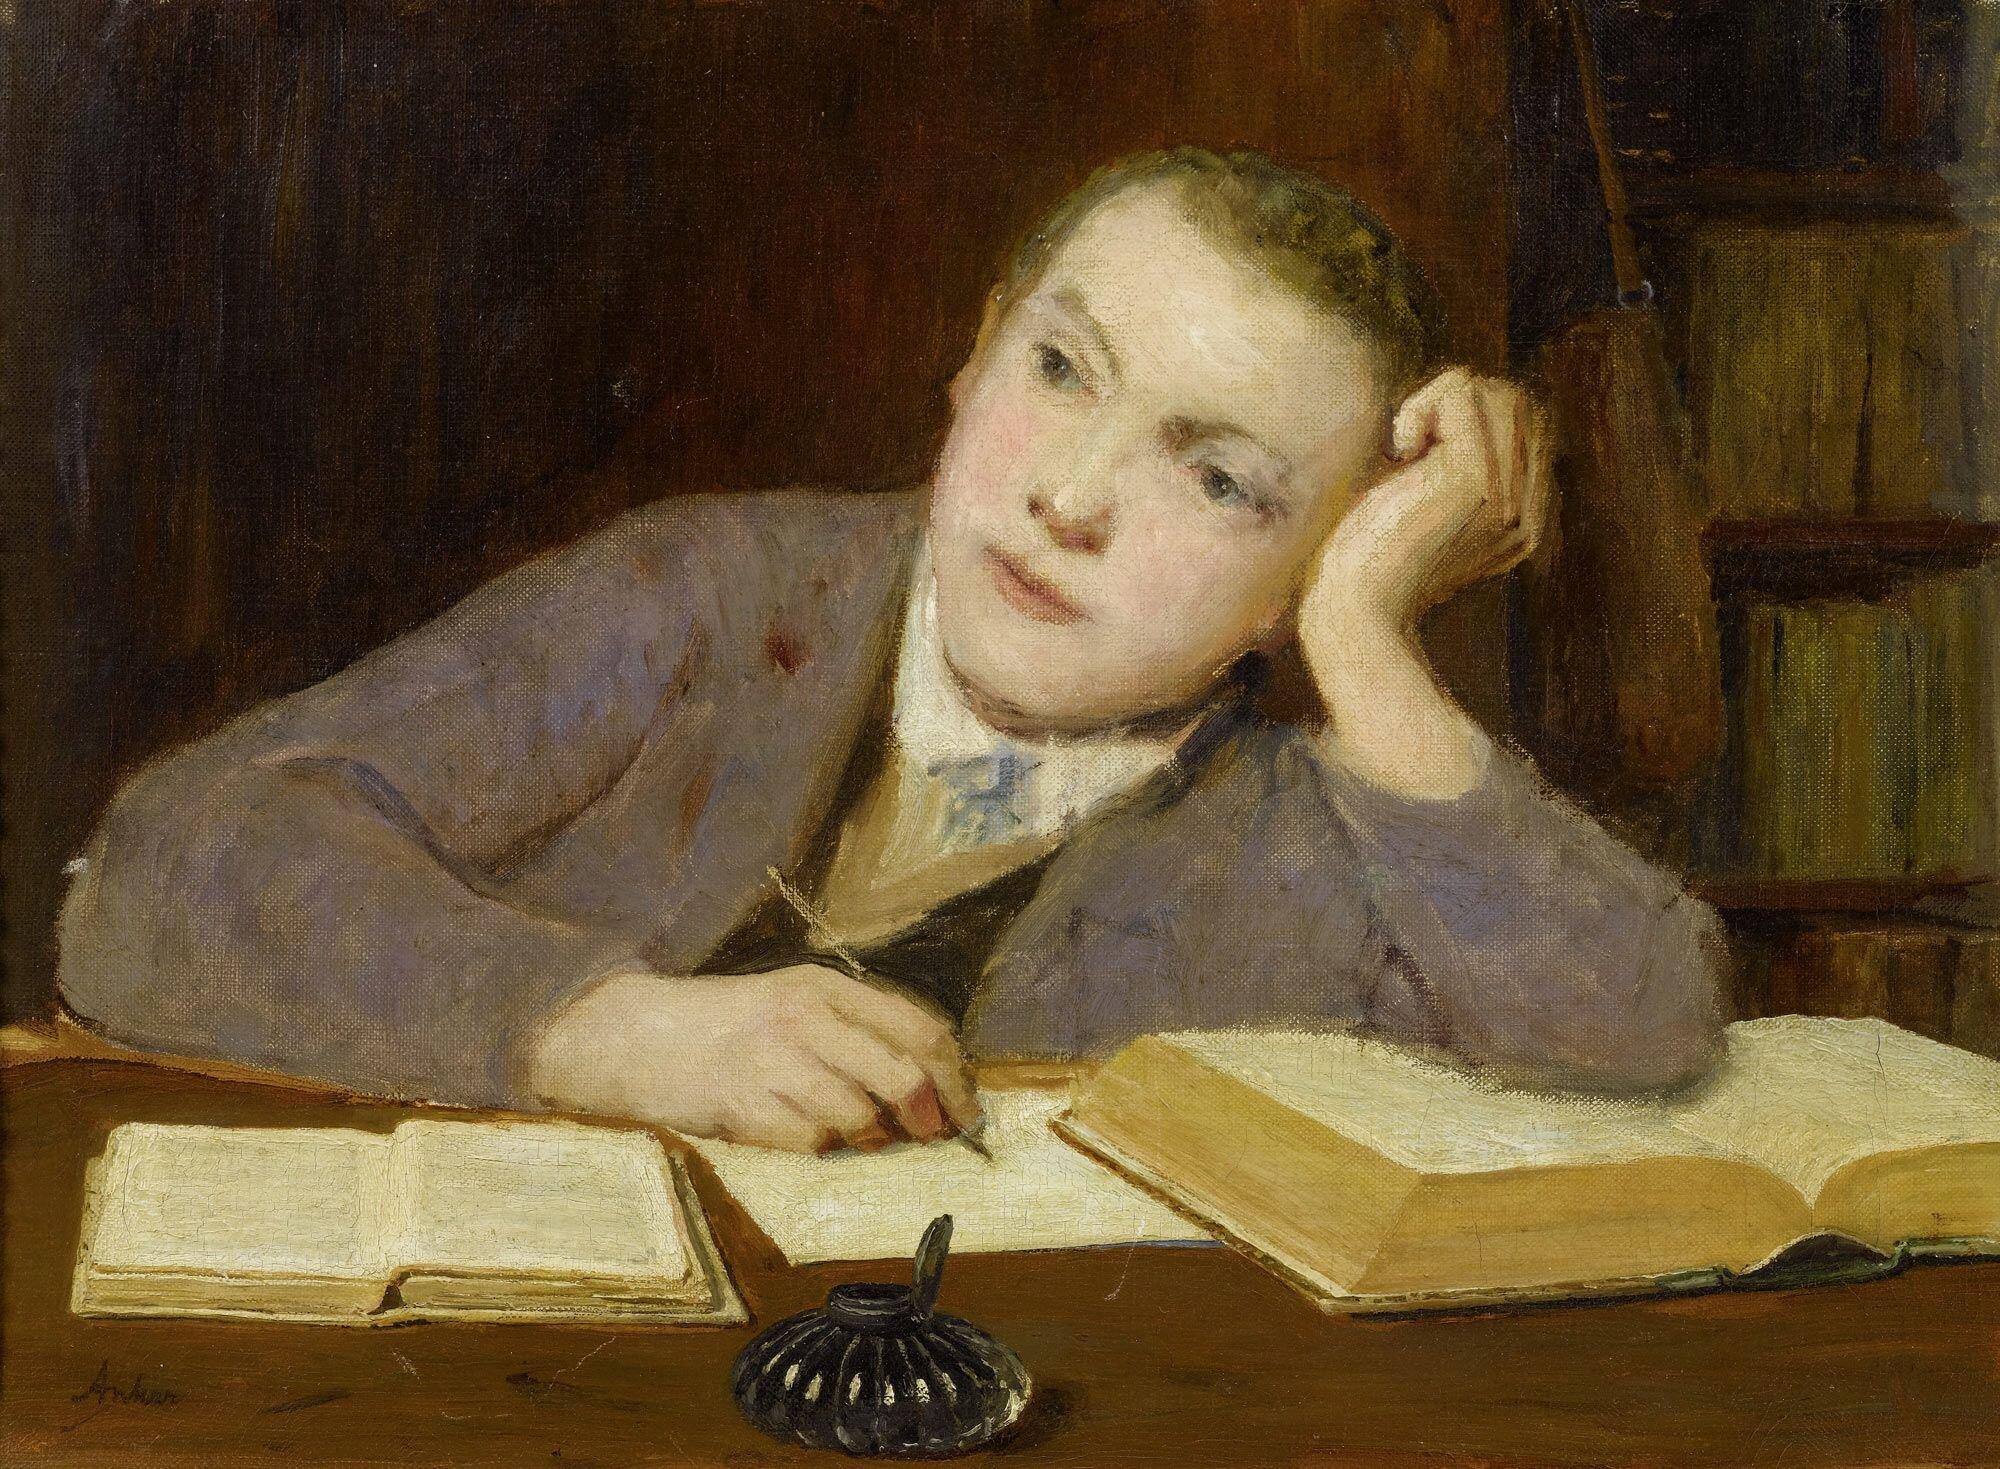 Piszący chłopiec Źródło: Albert Anker, Piszący chłopiec, ok. 1908, olej na płótnie, domena publiczna.